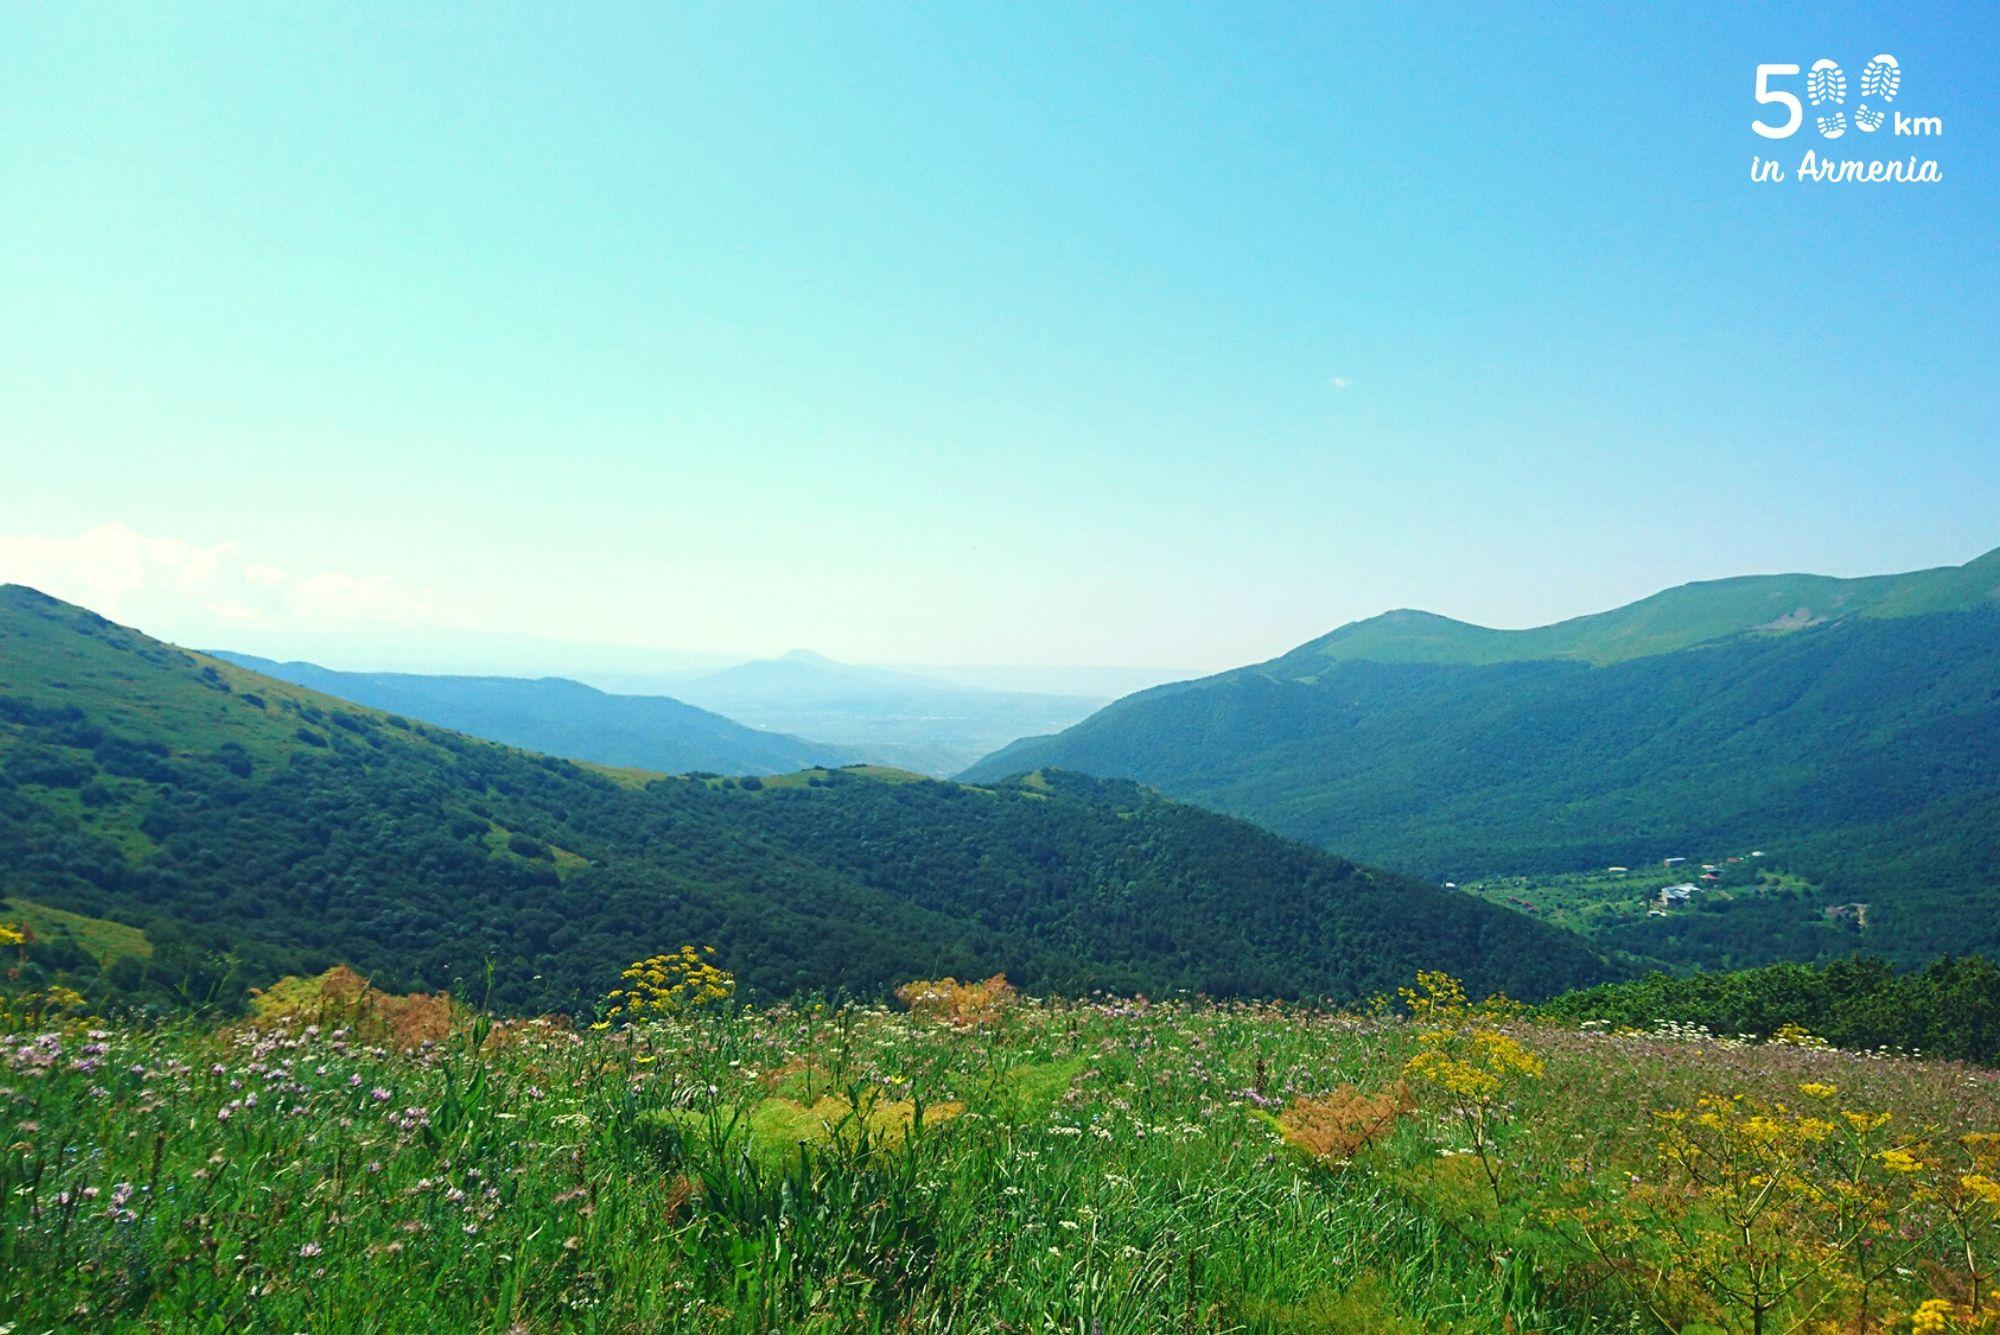 Ծաղկունյաց լեռներ - 500 կմ Հայաստանում